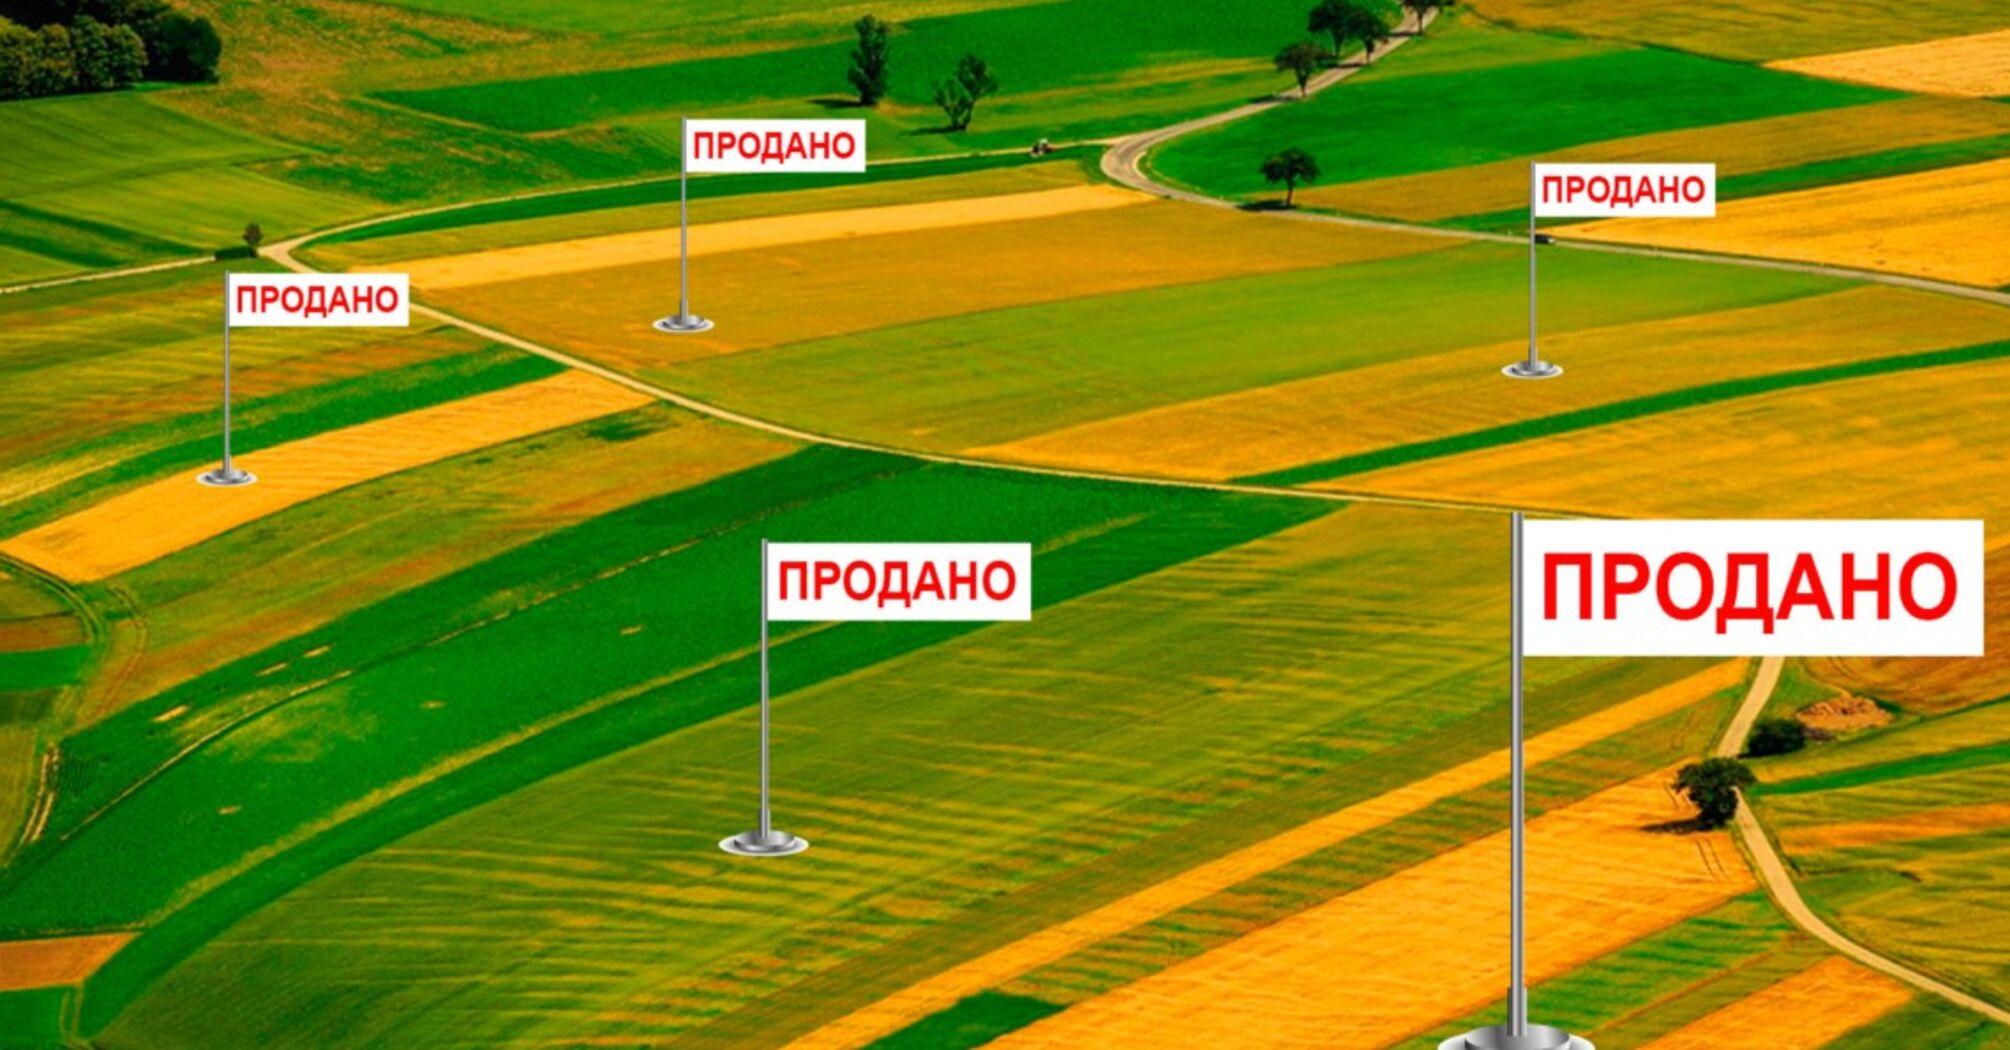 Продажа земли в Украине: что угрожает украинцам и о чем молчит власть